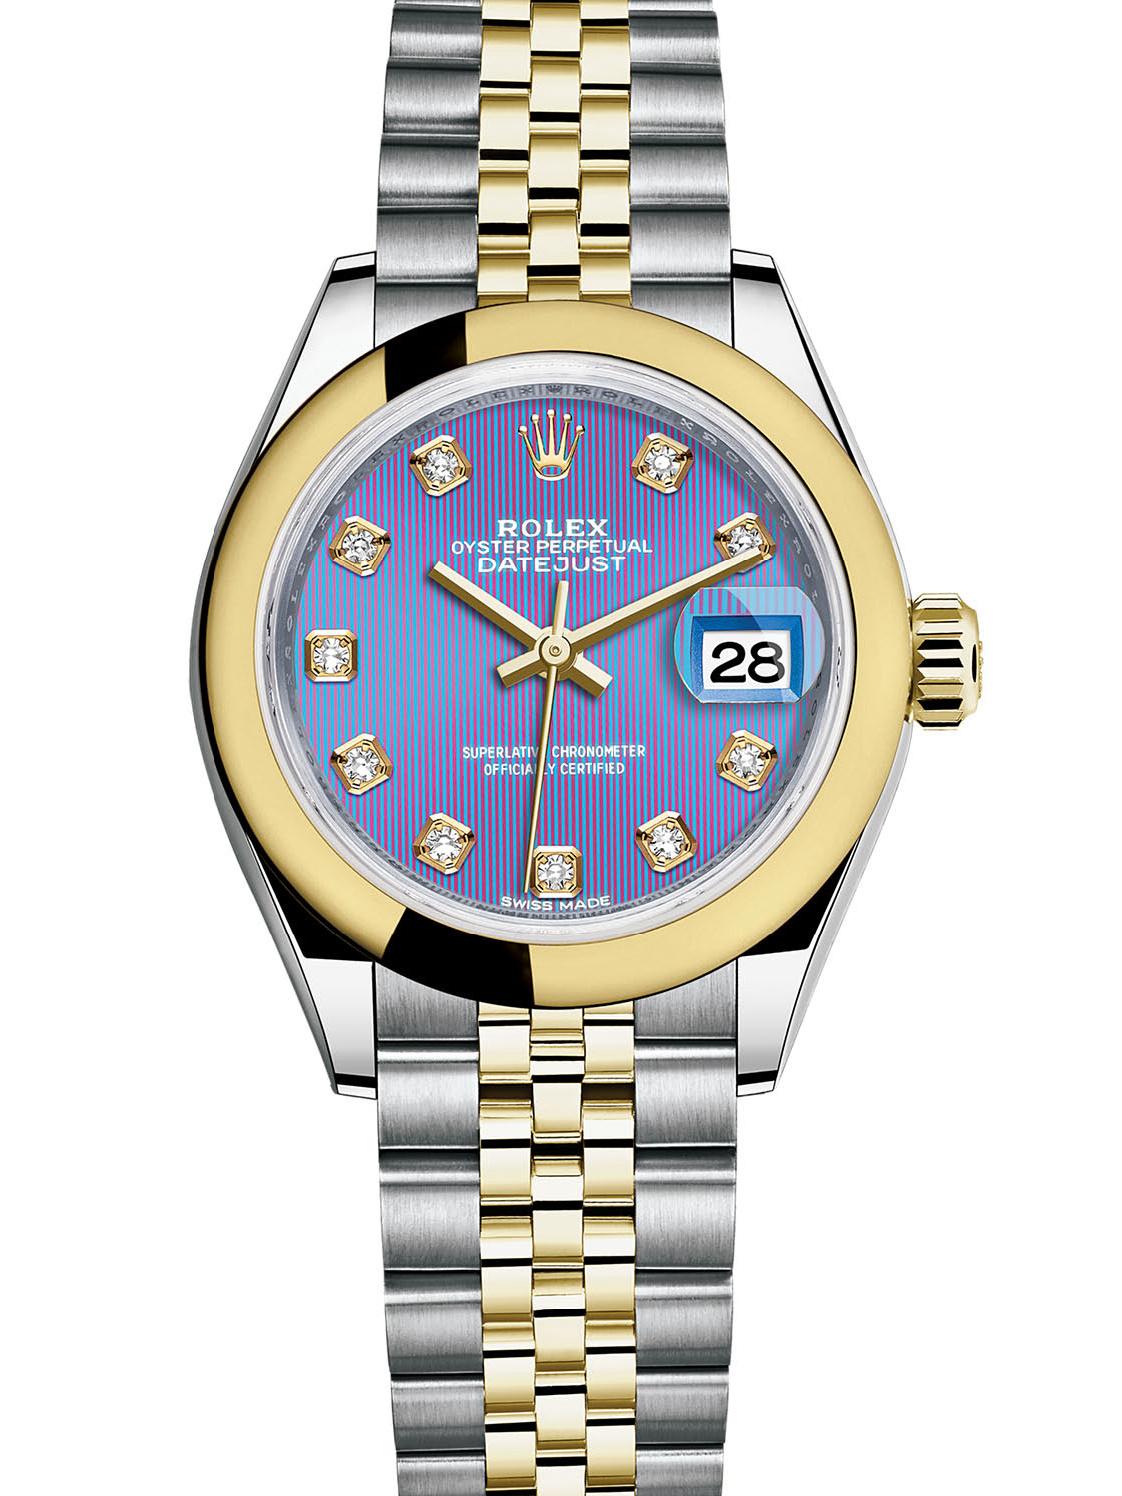 劳力士女装日志型28黄金钢紫面钻标女表279163-0017